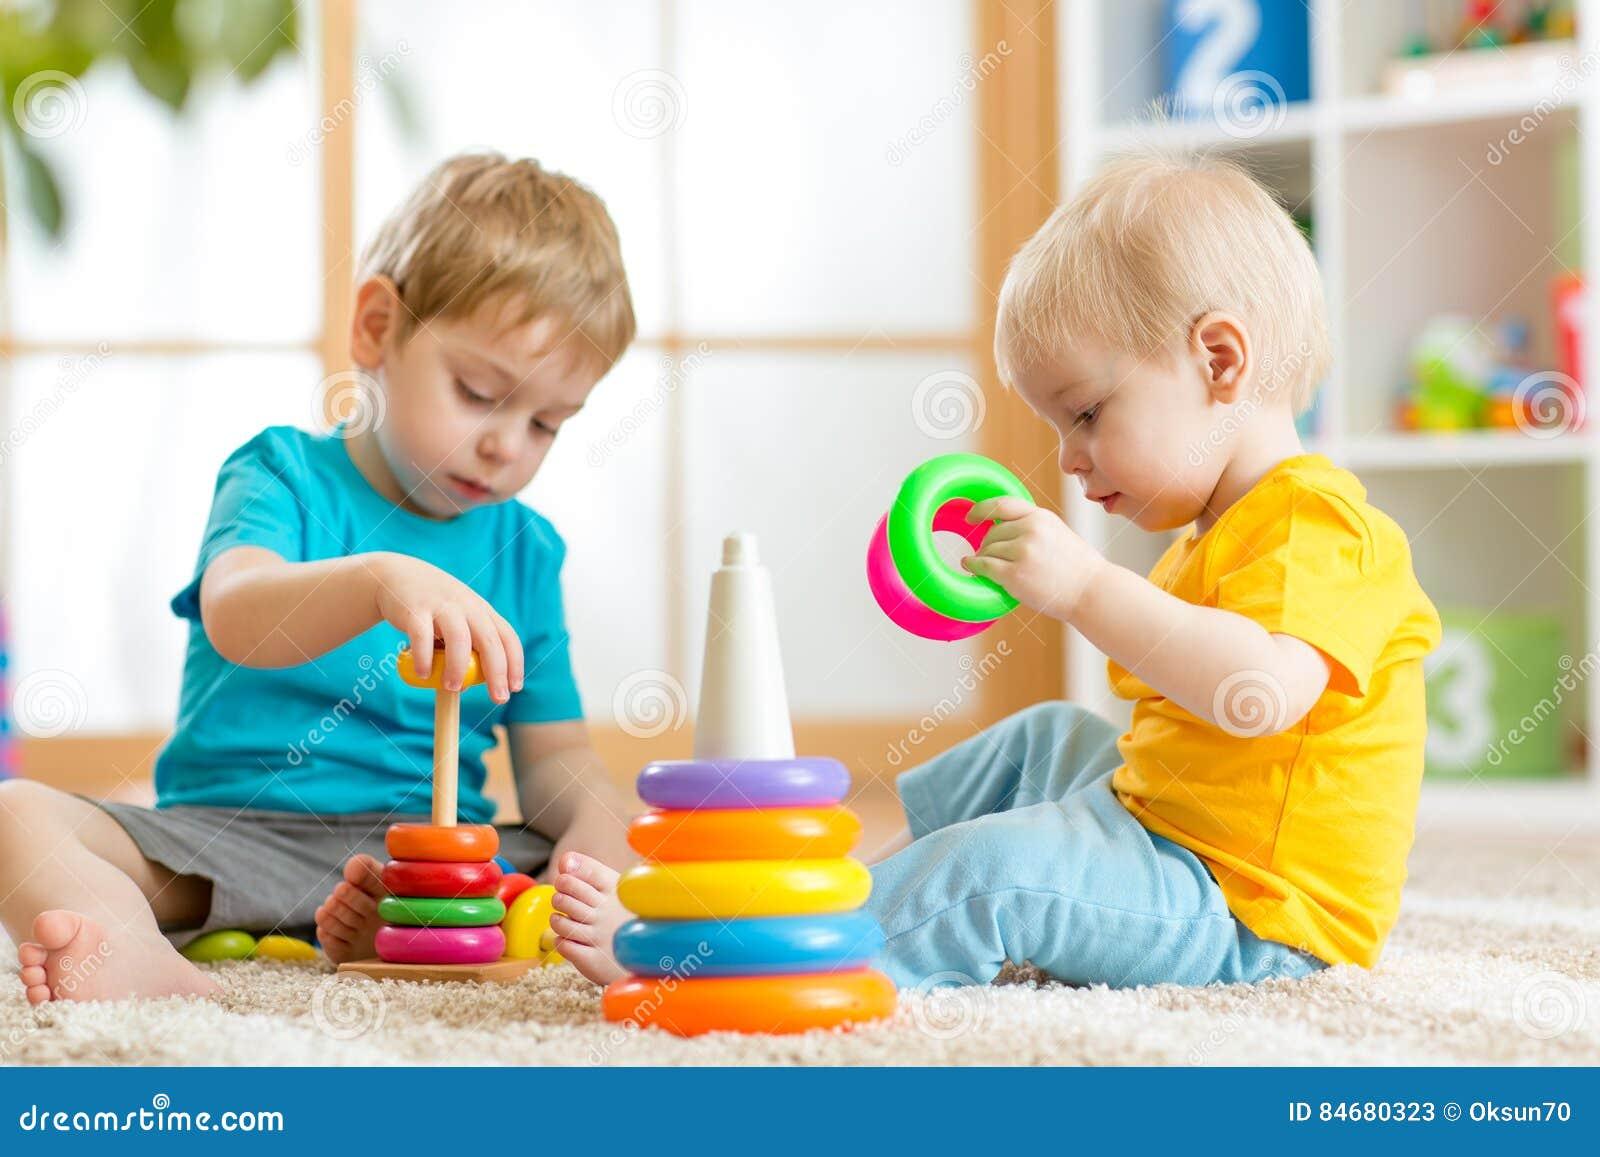 Kinder, die zusammen spielen Kleinkindkind und Babyspiel mit Blöcken Pädagogische Spielwaren für Vorschulkindergartenkind